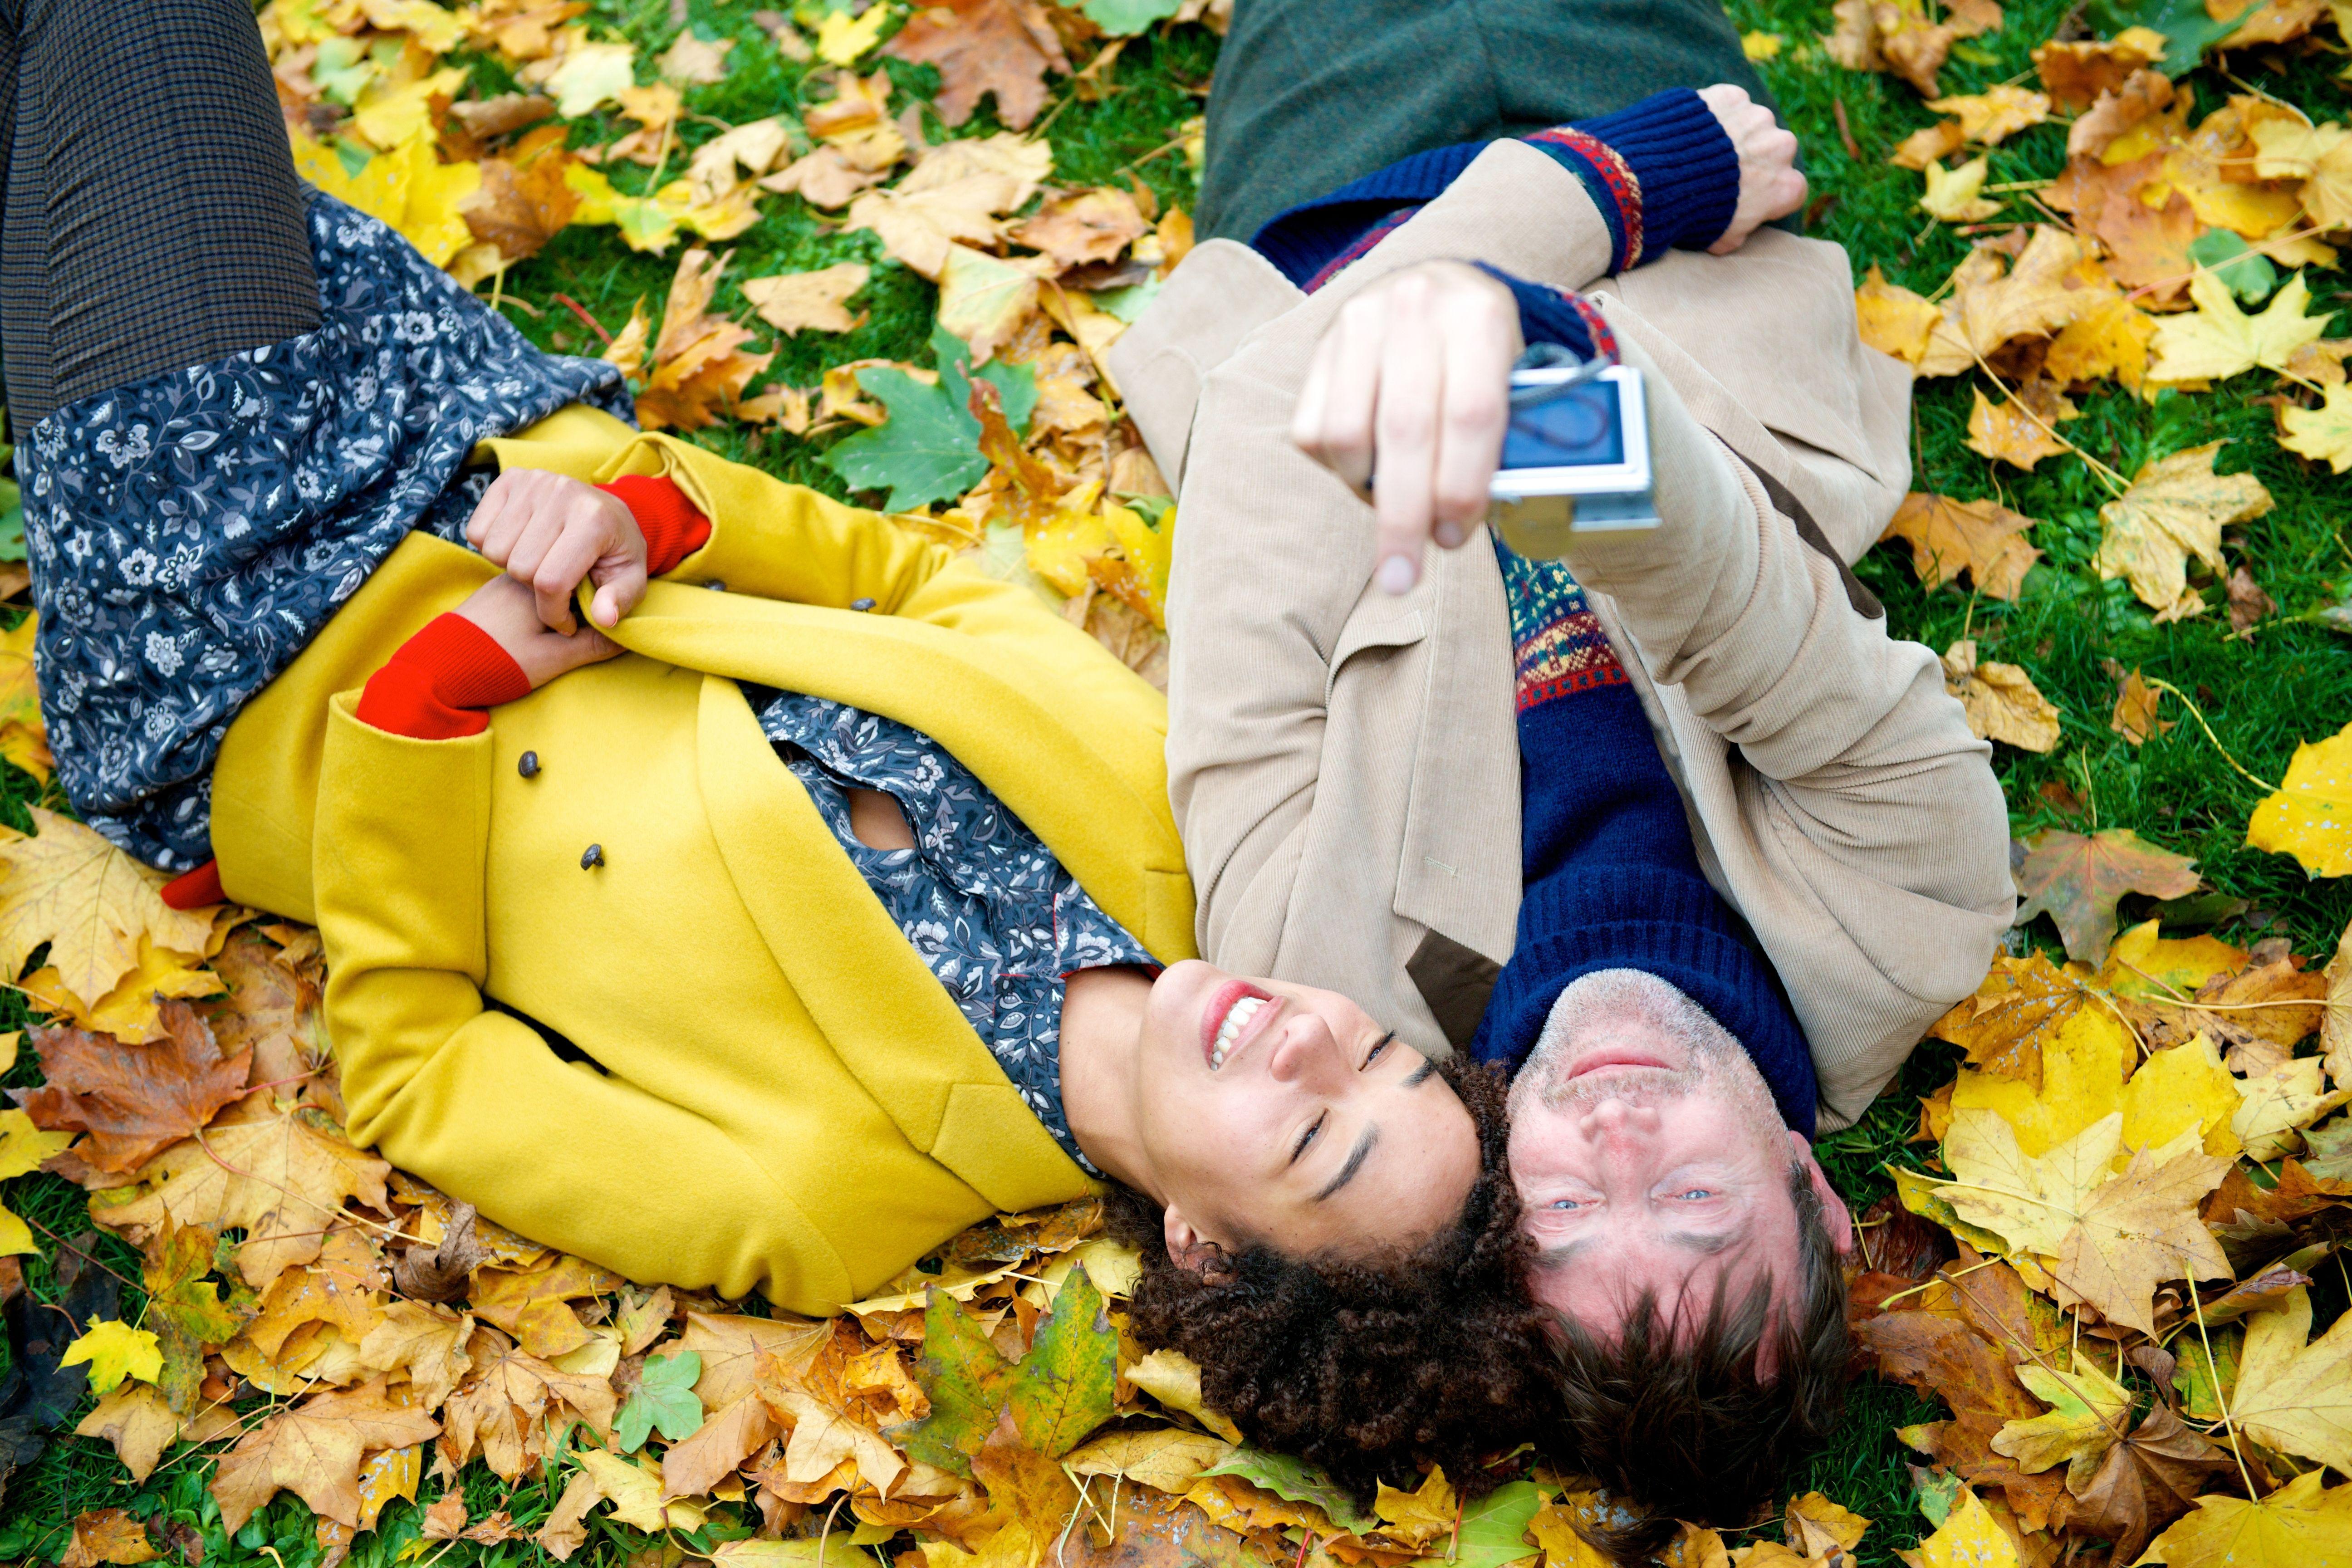 Autumn selfies